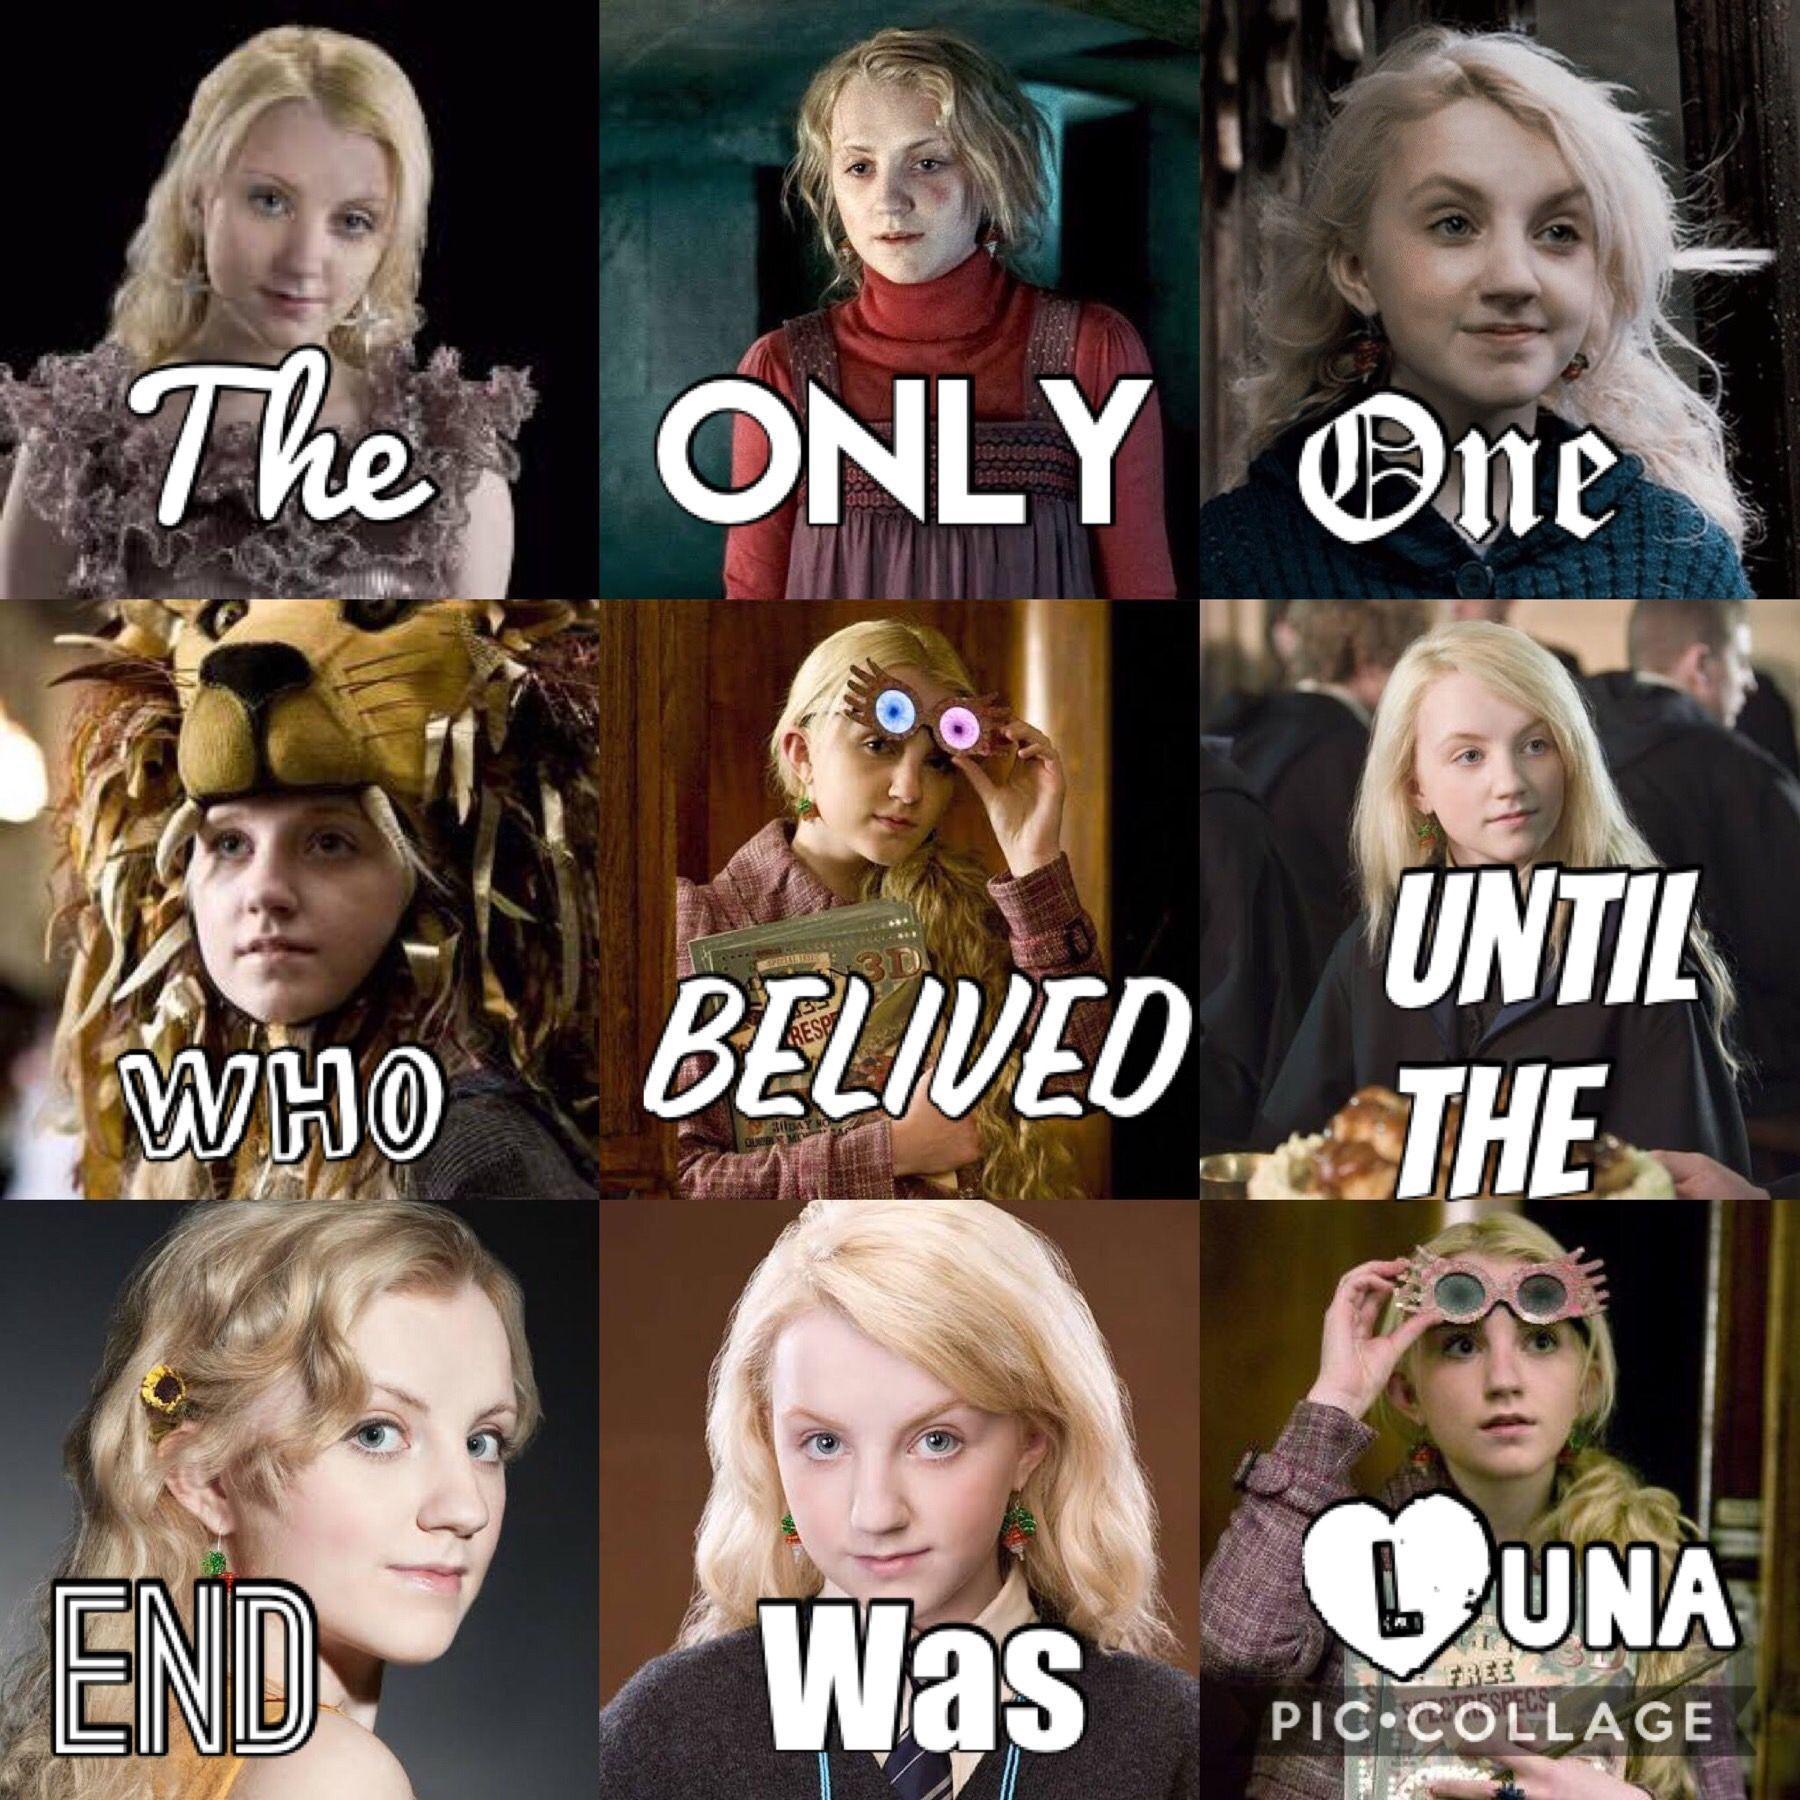 Ich Liebe Luna Sie Ist Eine Meiner Favoriten Zeichen Harrypotterzeichen Harry Potter Feels Harry Potter Memes Harry Potter Spells